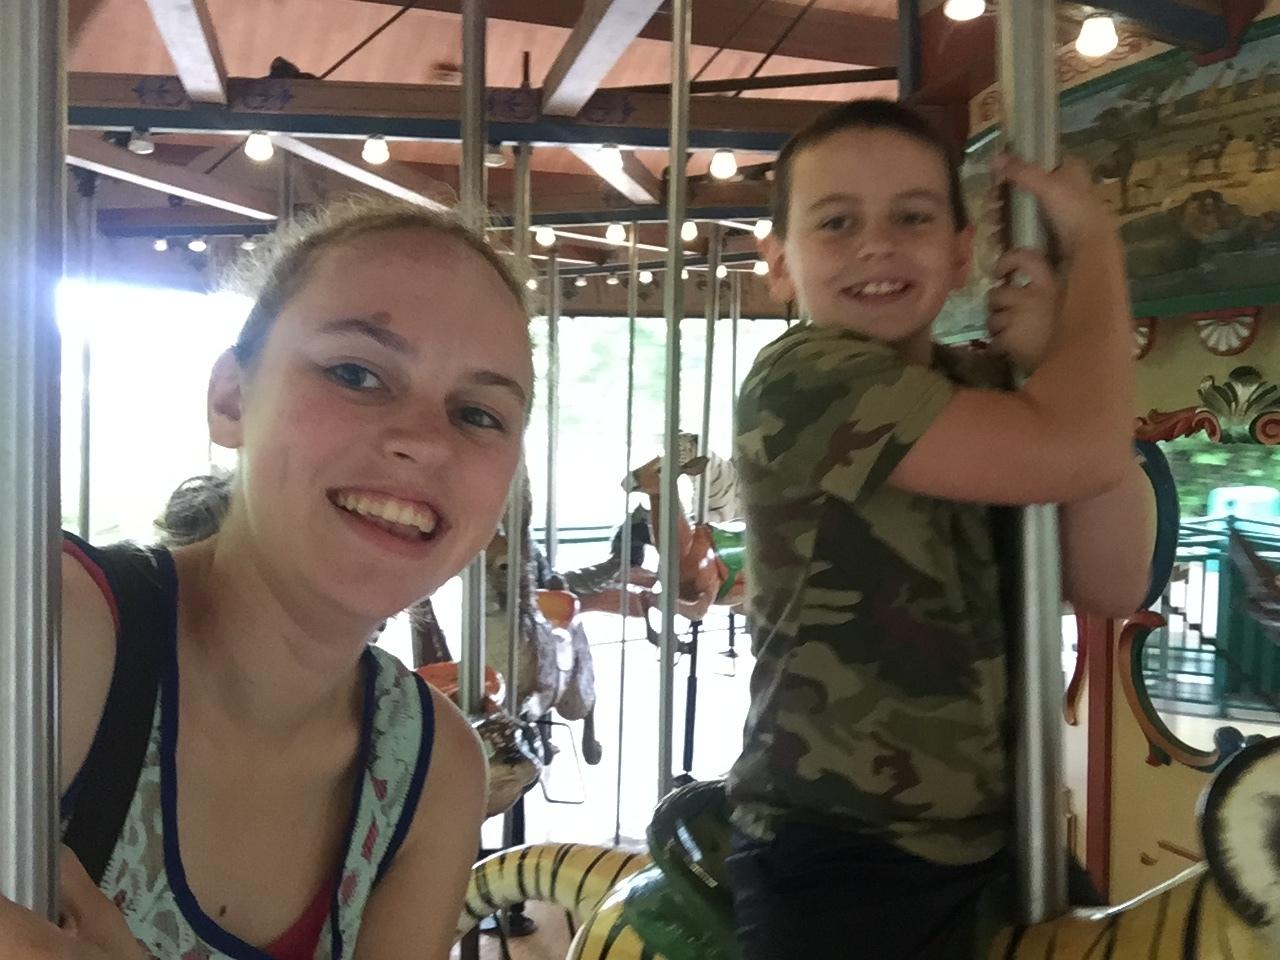 Zoo selfie!